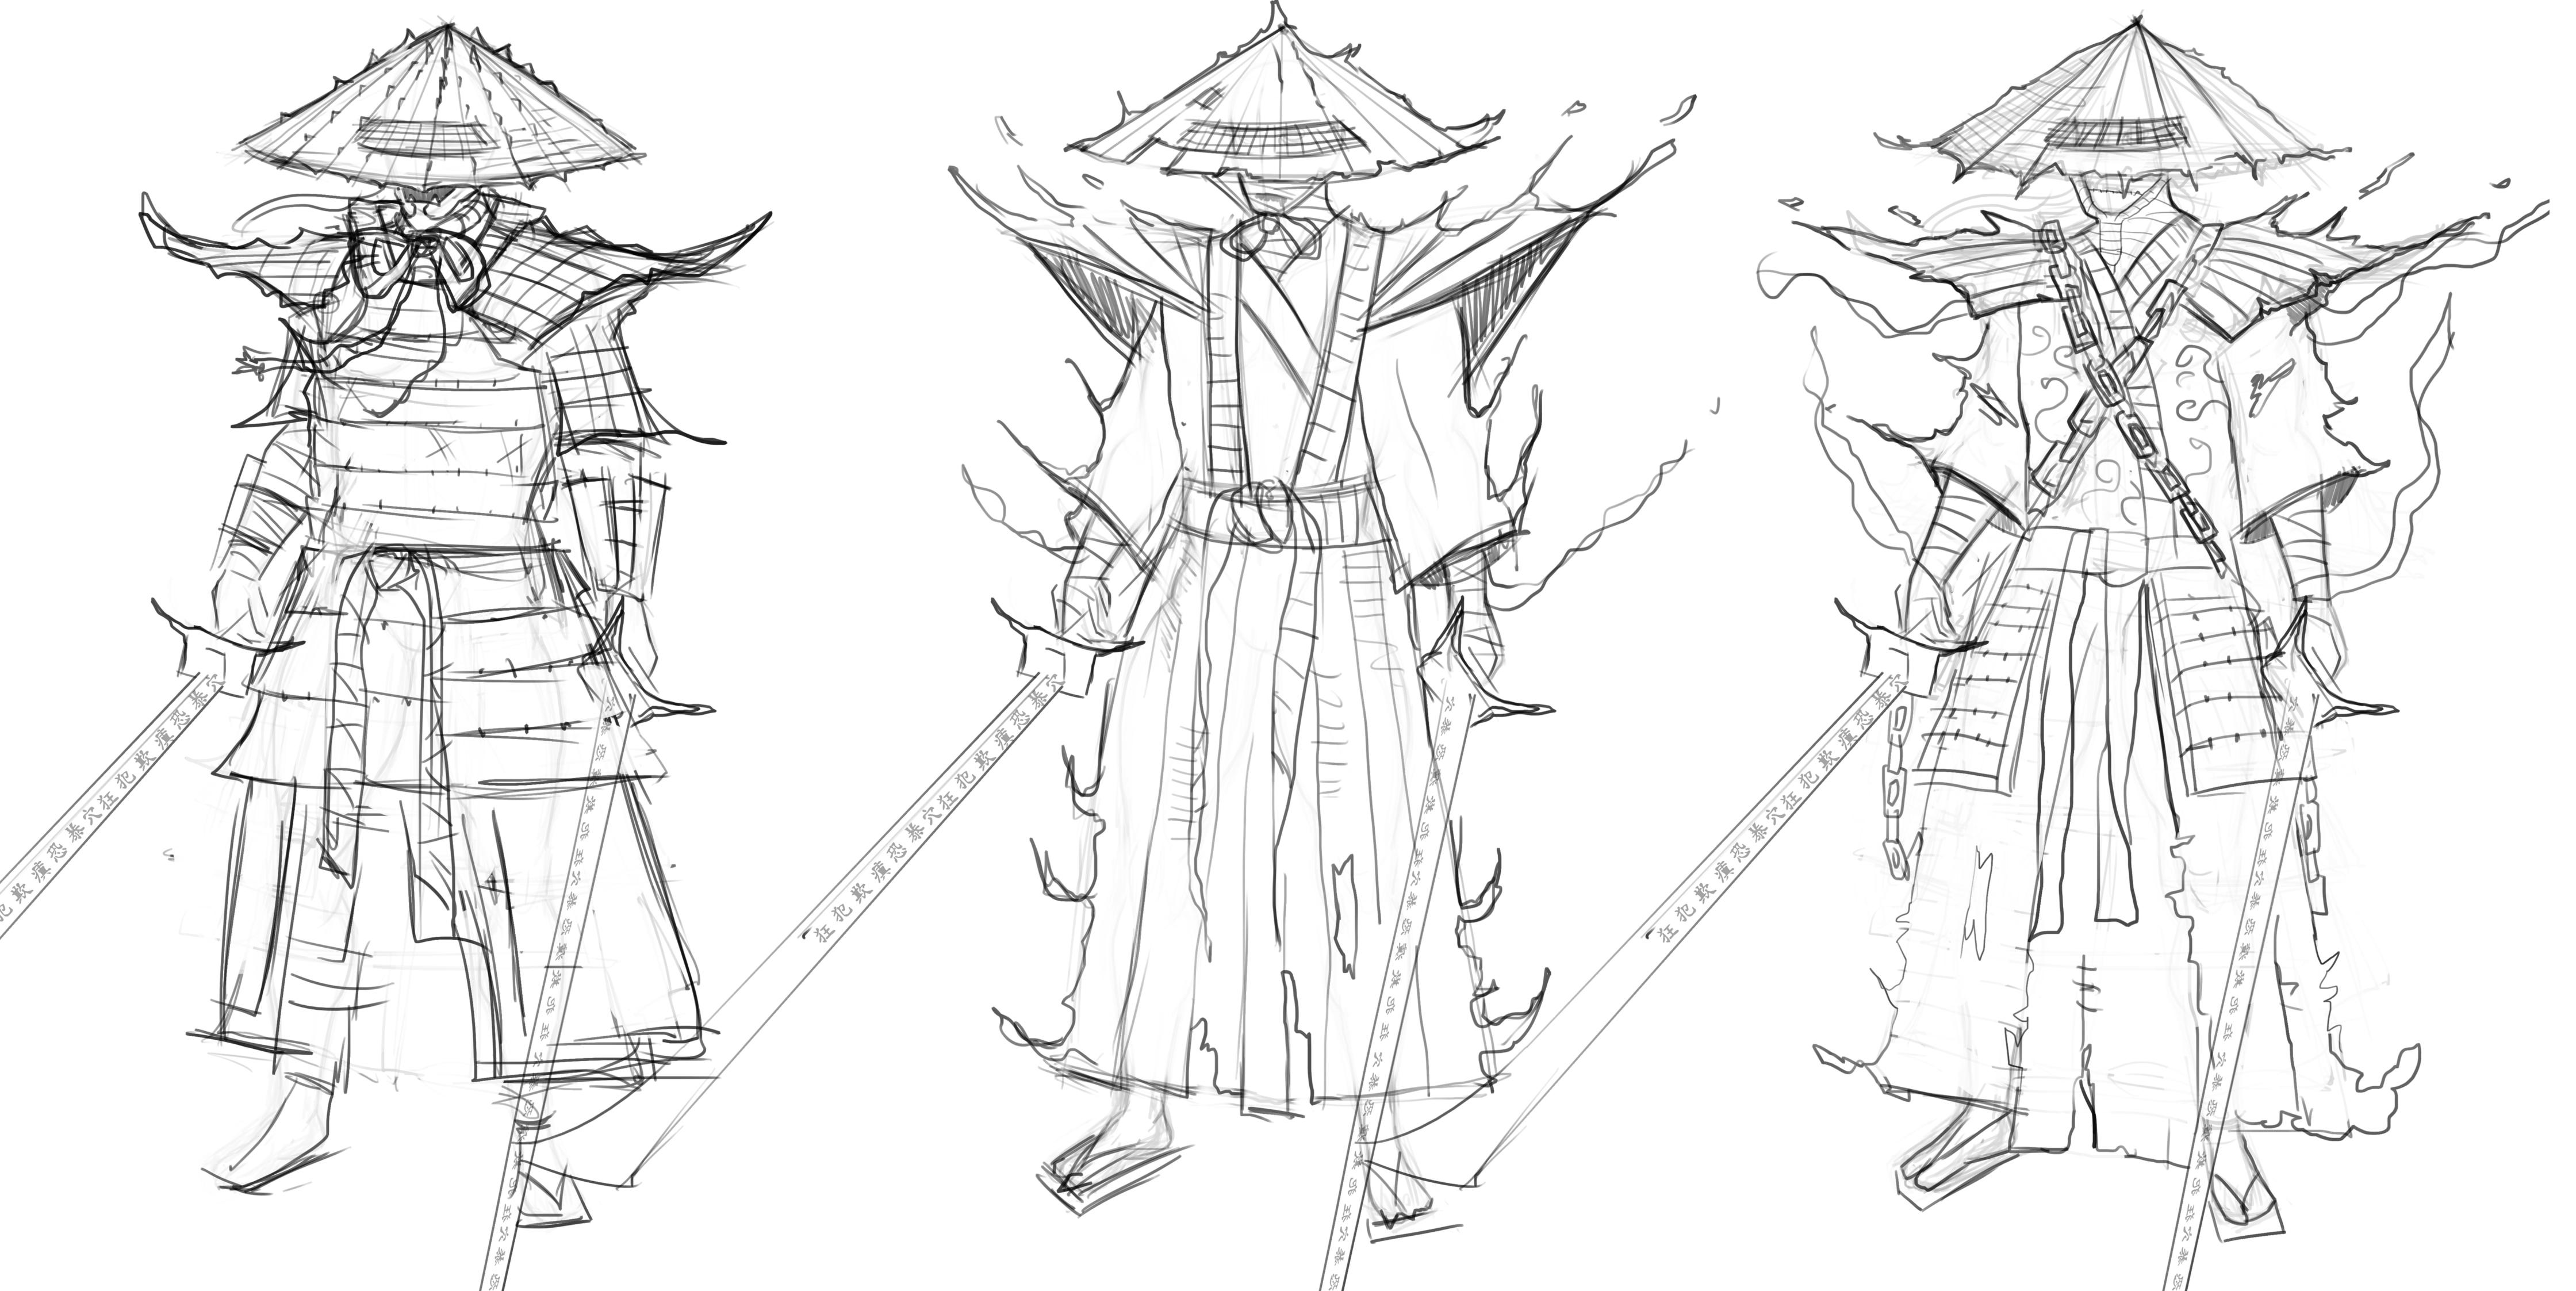 art war 2d samurai demon summoner cleverboi art